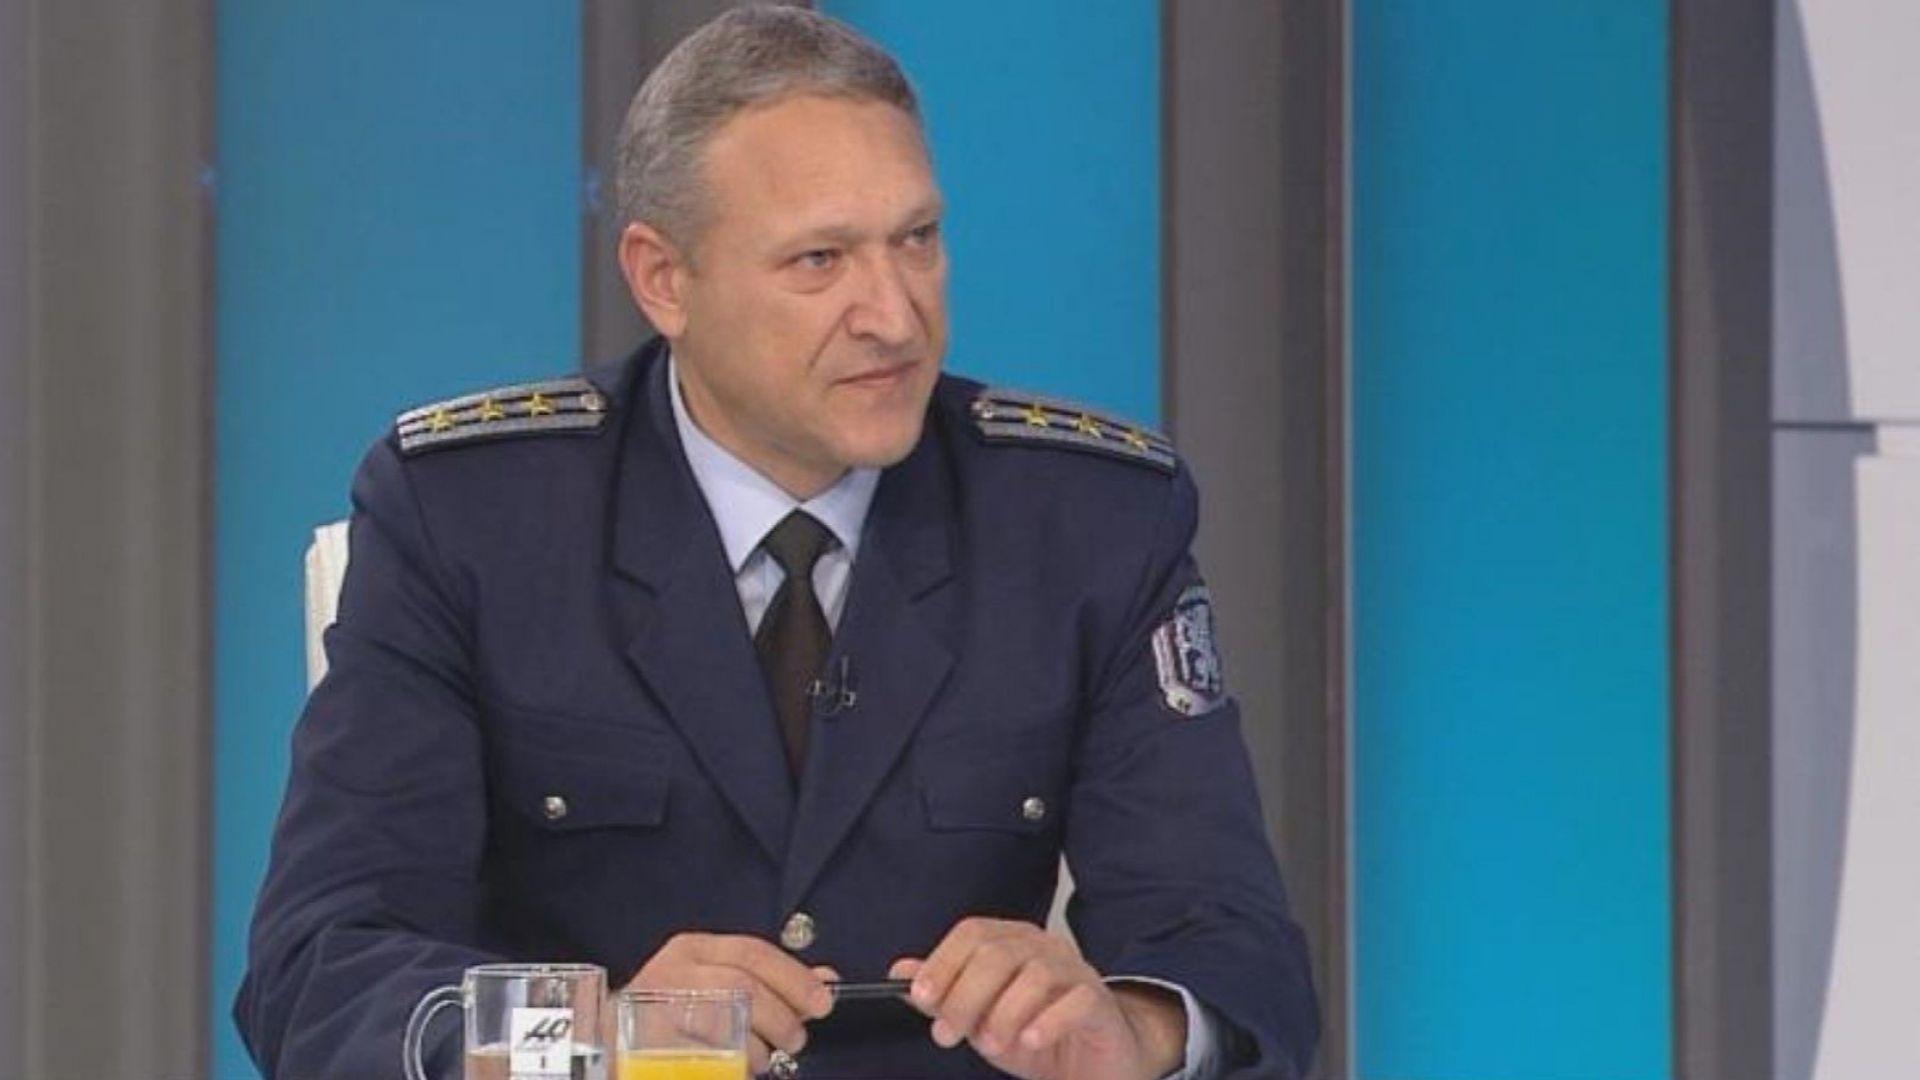 Рановски: Ще внесем в парламента задължително колани за всички автобуси